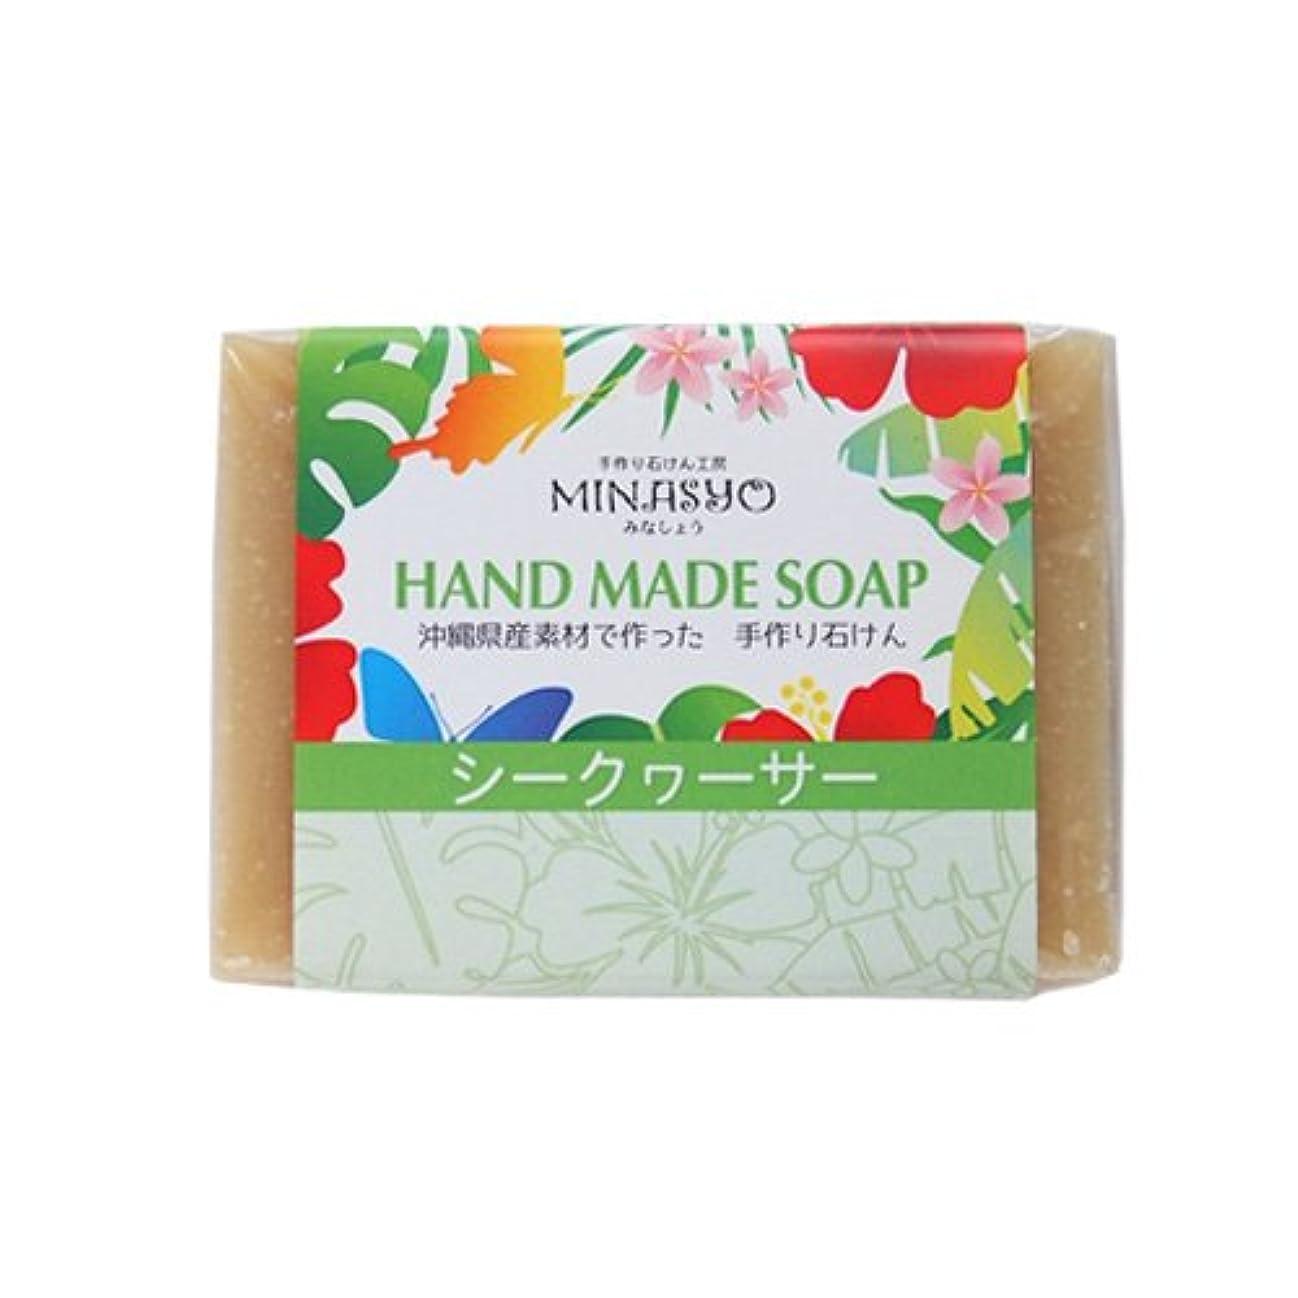 キャロライン飢えたパッド沖縄産シークヮーサー 約100g×15個 みなしょう シークワーサー?ココナッツオイル?海洋深層水配合 香りのよい石けん